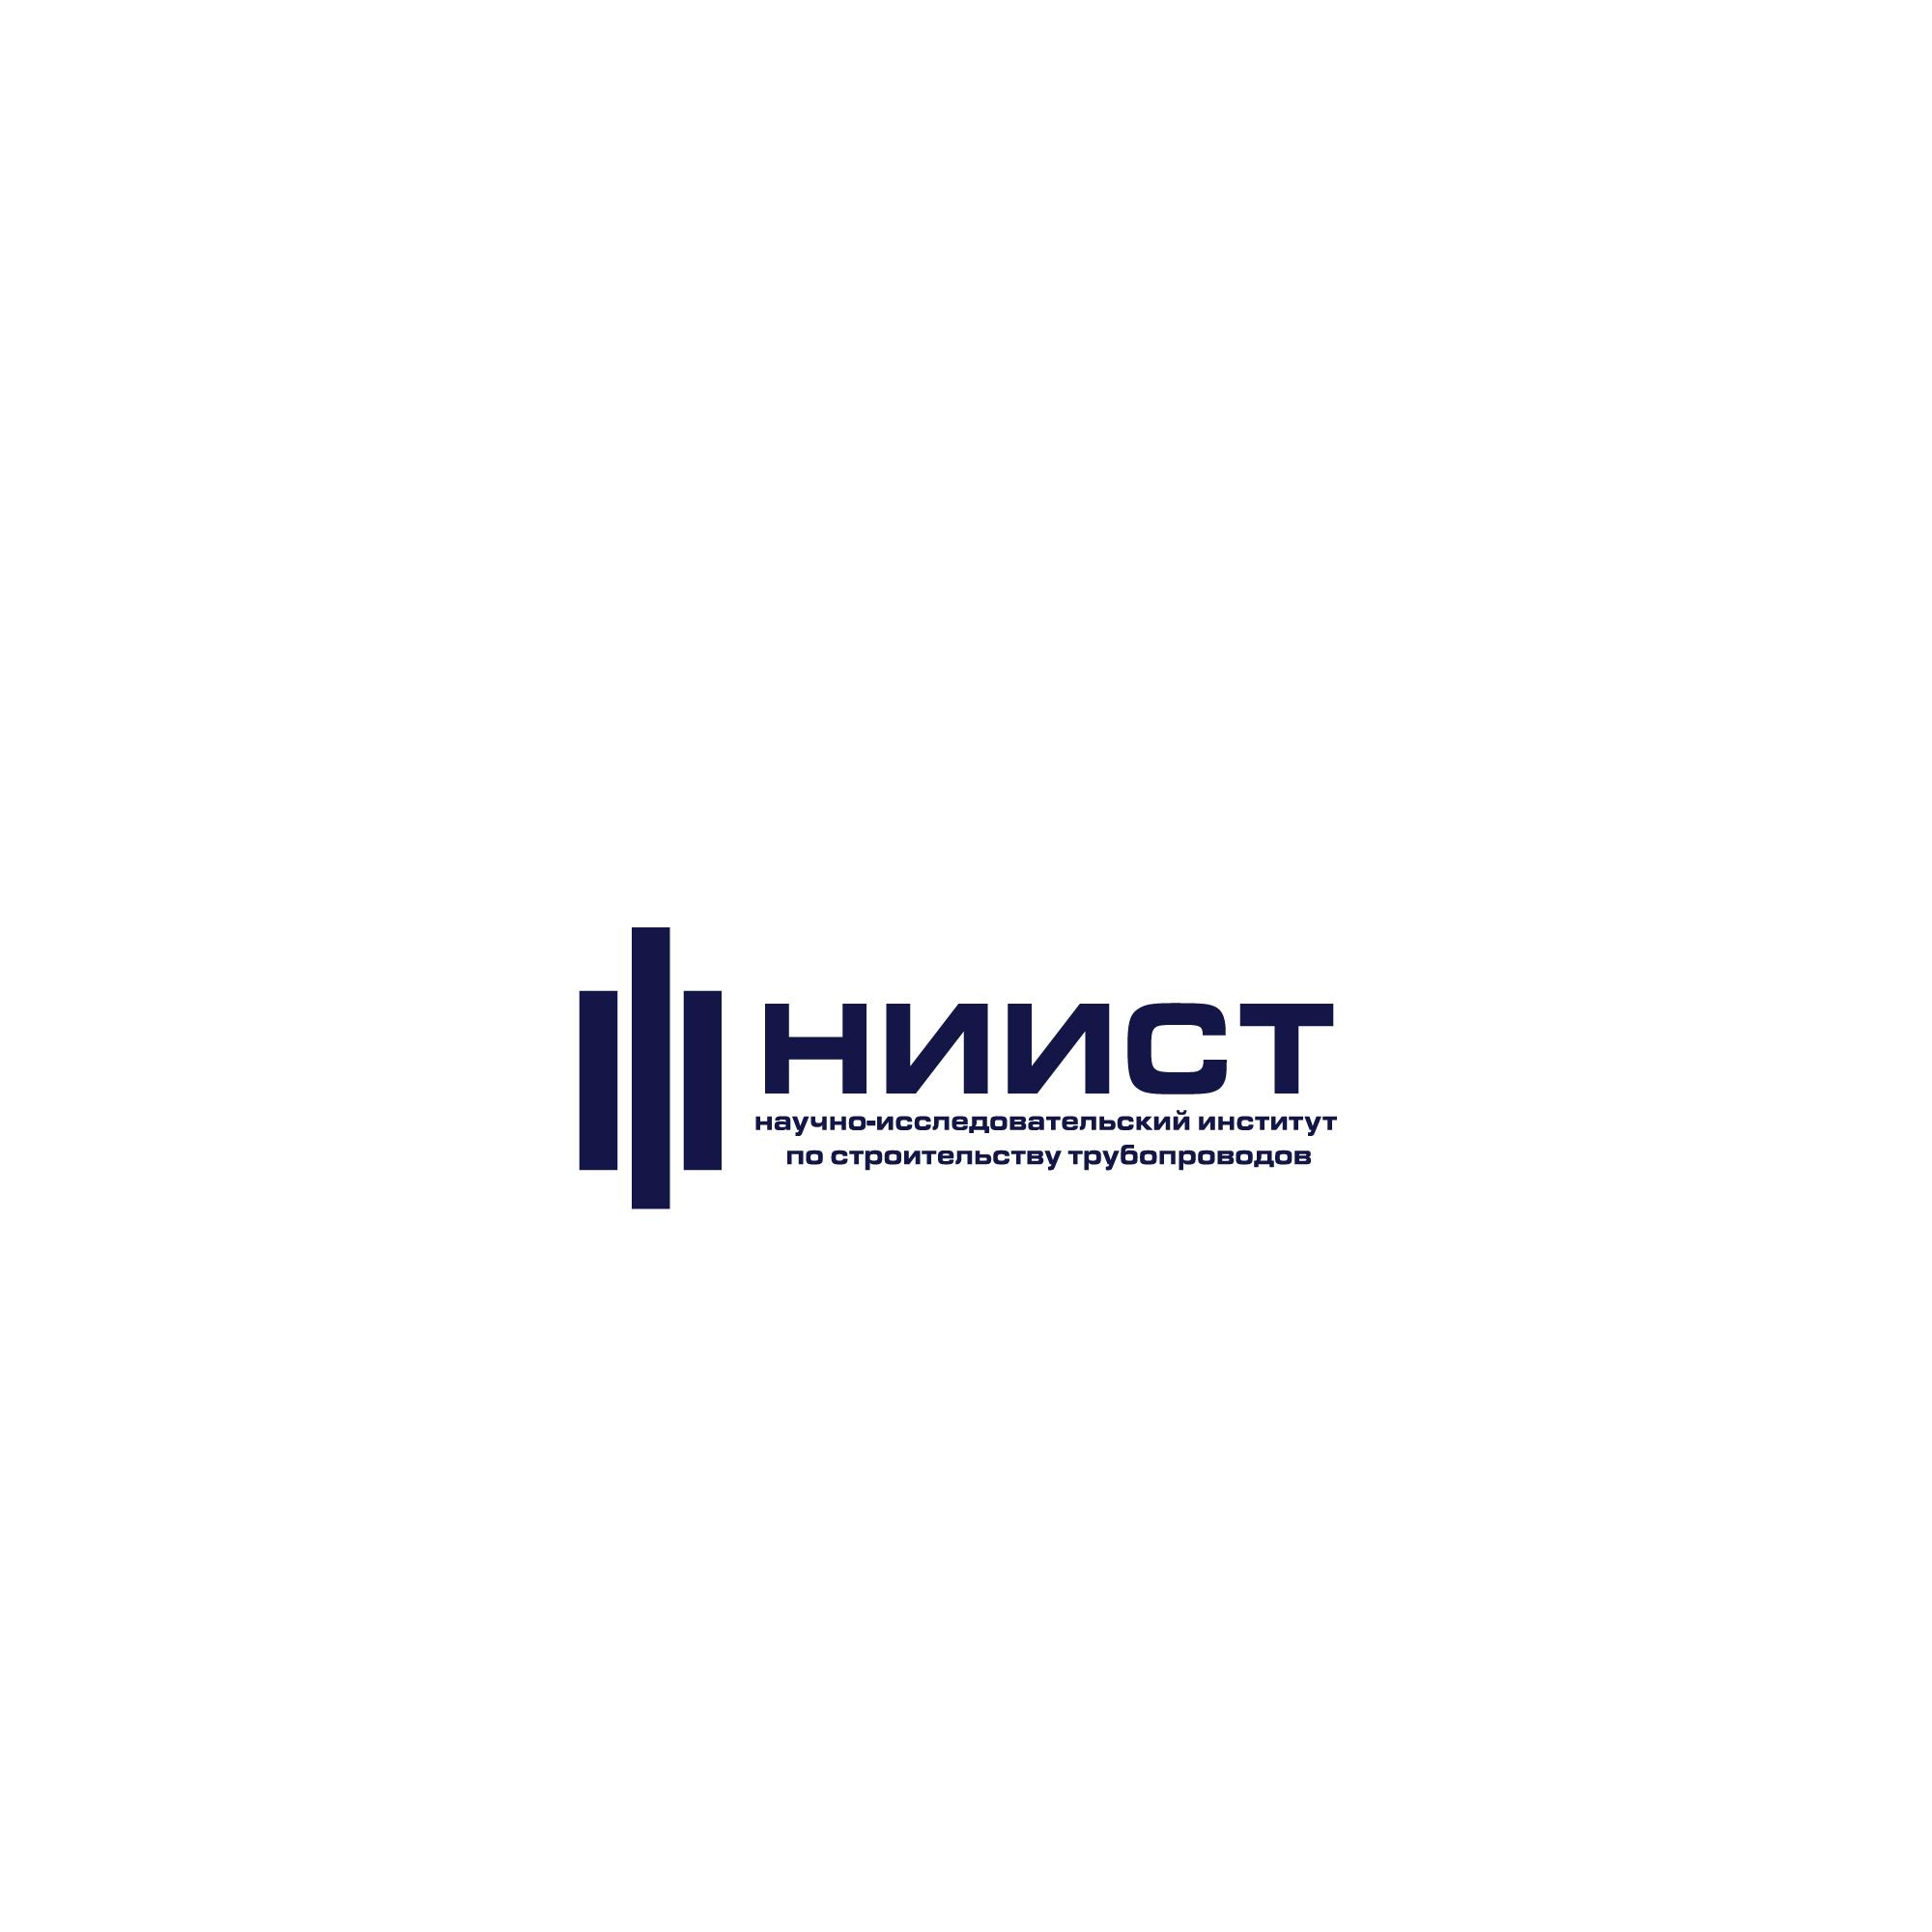 Разработка логотипа фото f_3725ba010e28f7f0.jpg